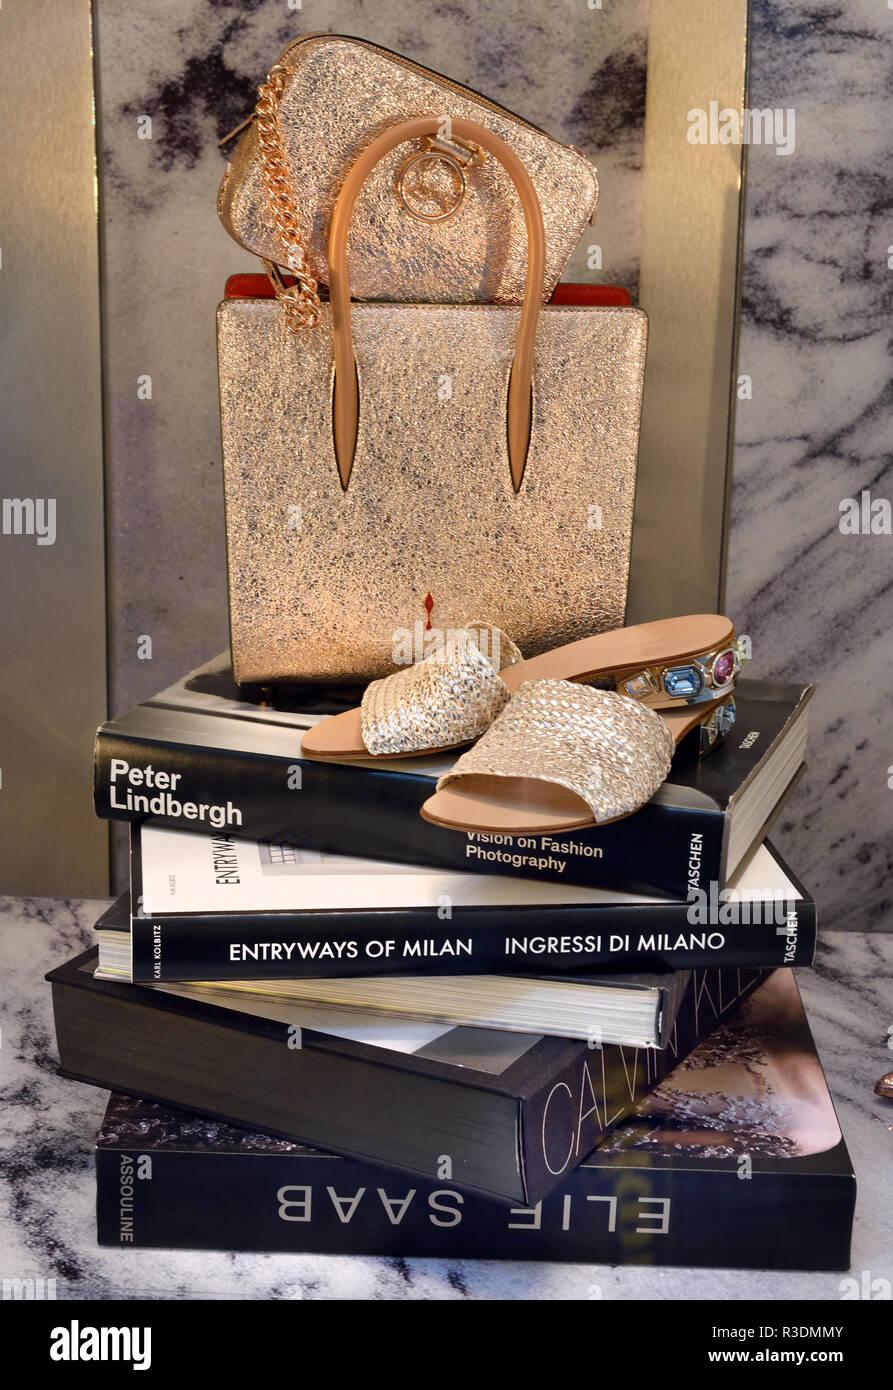 Gio Moretti - afficher la fenêtre de Mode , de la mode, Milan Italie Italien 6ecaf28c691